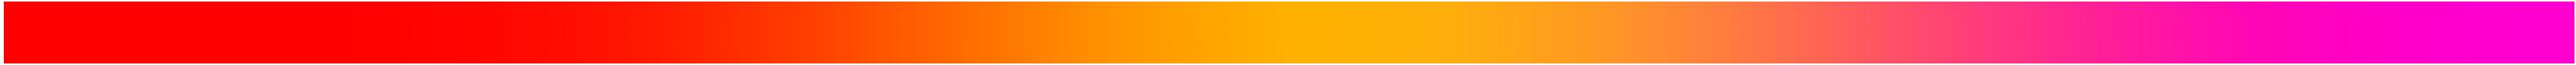 『影映』  千高原艺术空间 千高原艺术空间 艺术家 陈秋林 中国 成都 艺术 专业性 画廊 作品 展示厅 崇真艺客